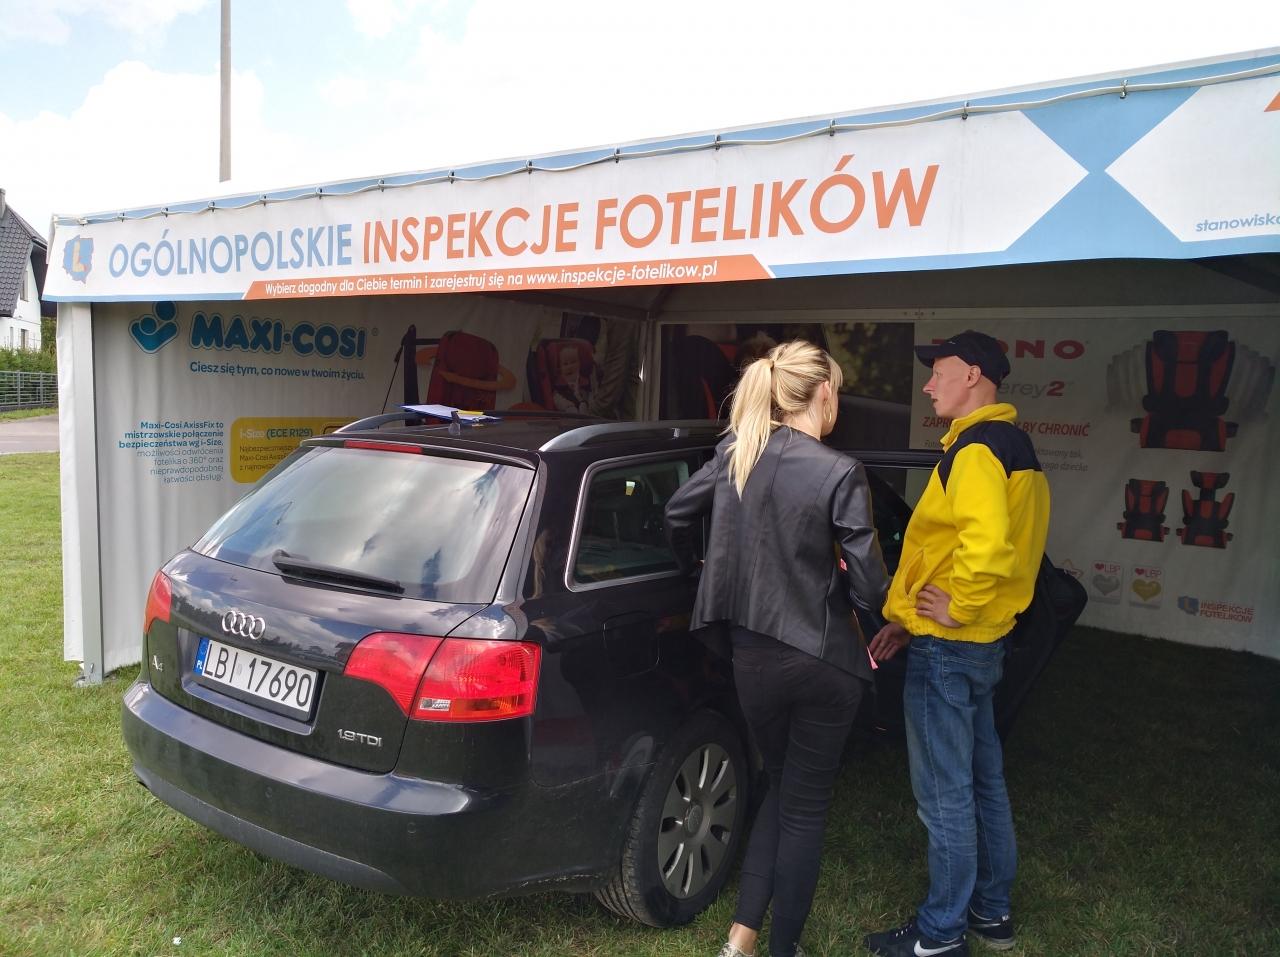 Ostatnie inspekcje w Białej Podlaskiej pokazały, że skala zapotrzebowania na edukację w sprawie fotelików jest bardzo duża.